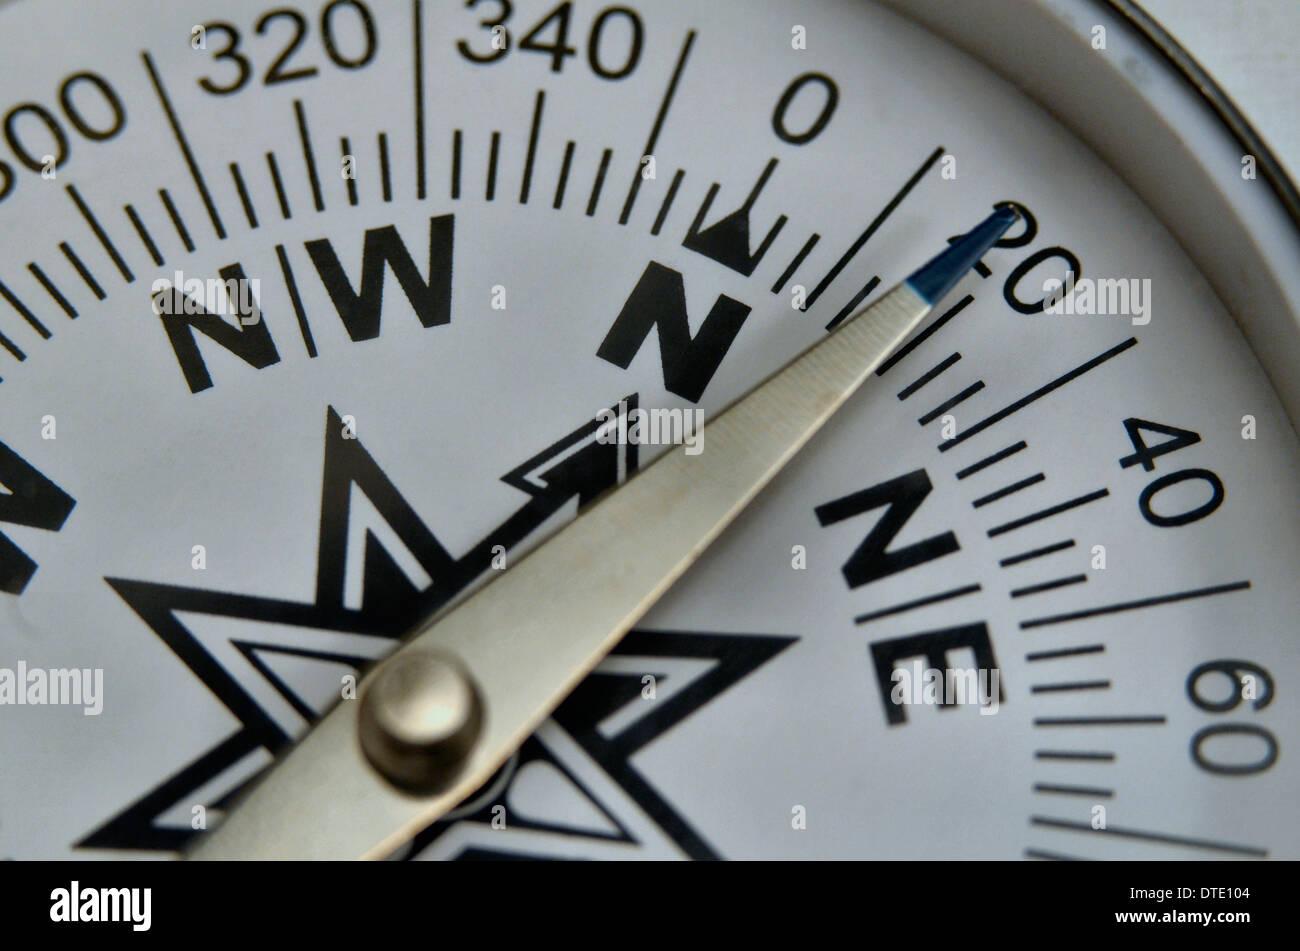 Trovare la direzione / survival skills - Concetto di close-up di compass rose e cuscinetto magnetico. Concetto di navigazione. Immagini Stock